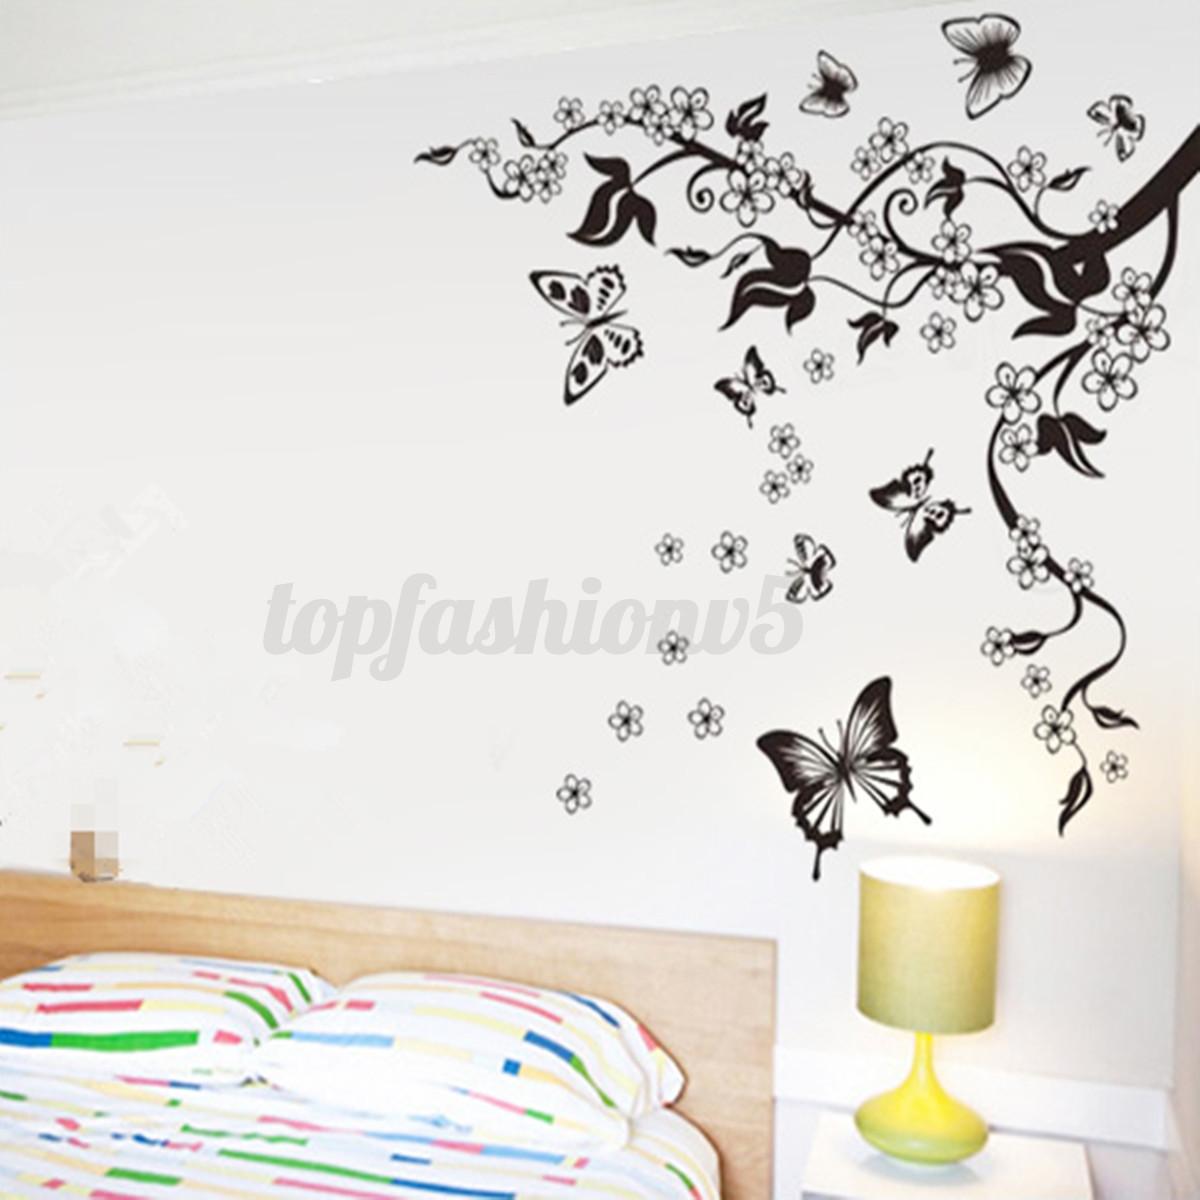 Adesivi murali wall decorazioni stickers adesivi parete removibile multi stile ebay - Decorazioni murali ikea ...